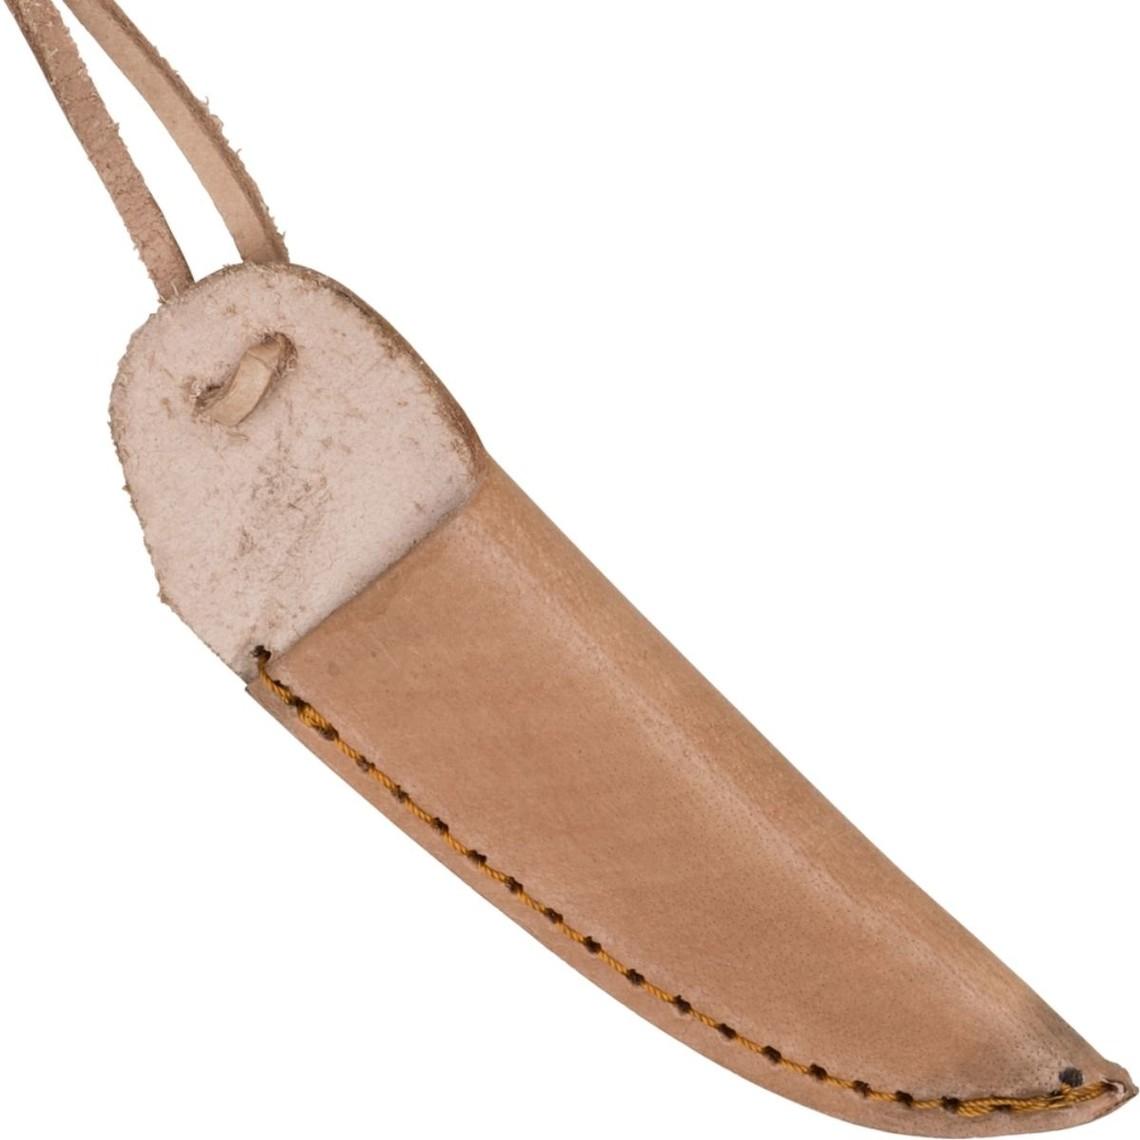 (Early) średniowieczny szyi nóż z pochwy